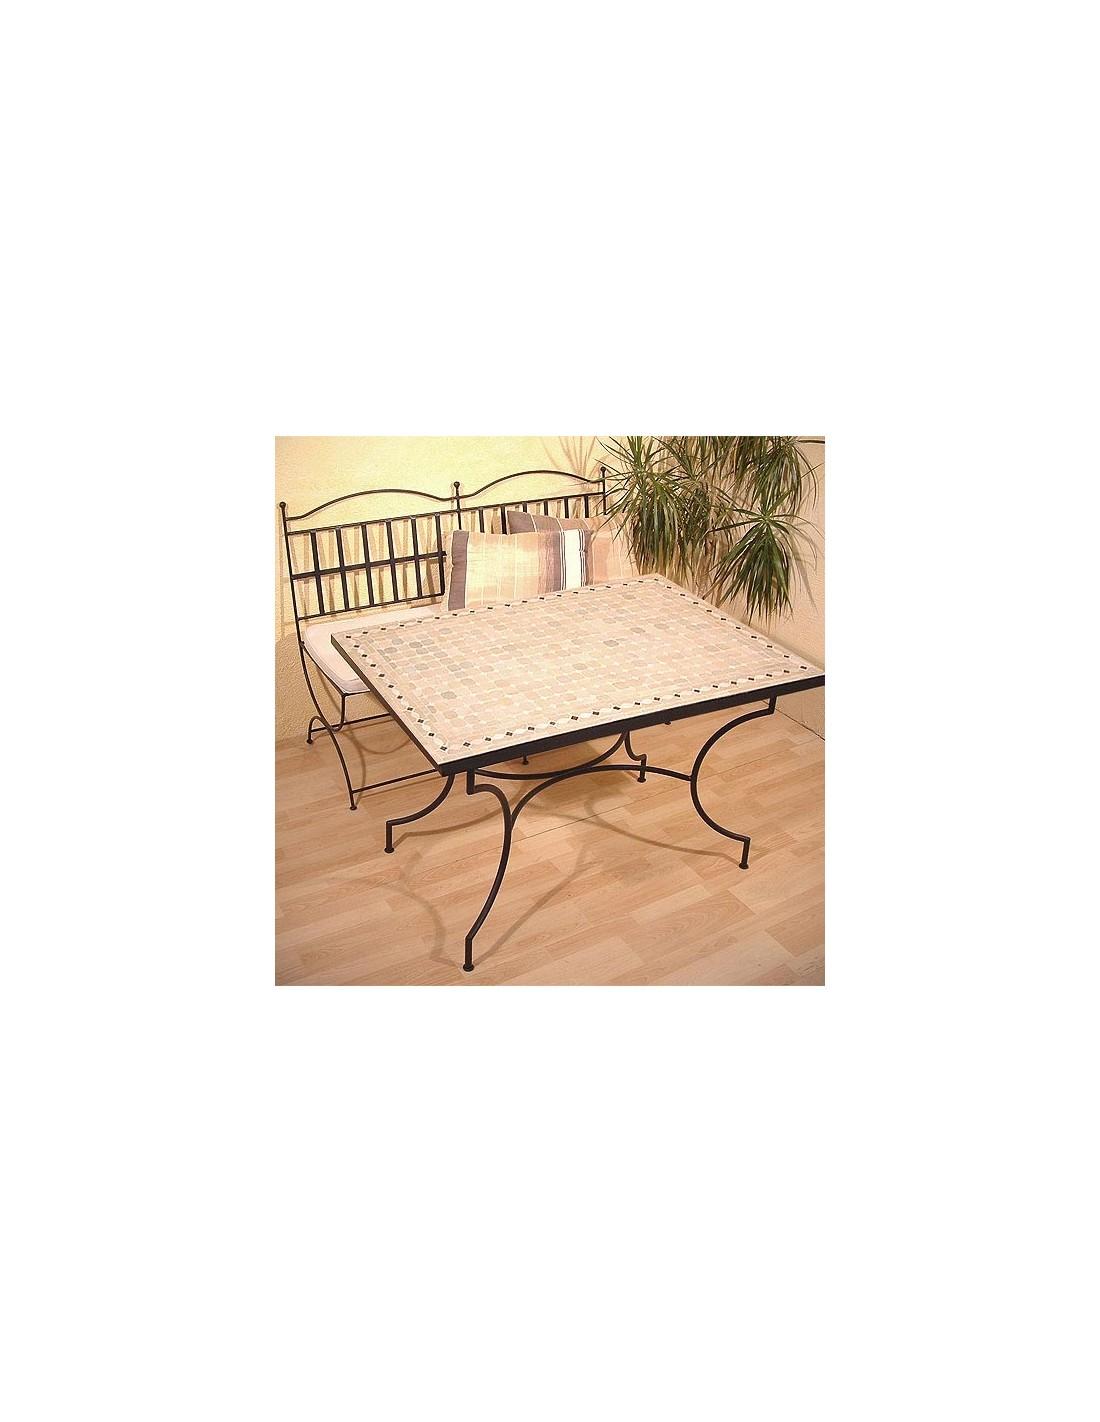 mosaiktisch yena 80x120cm in der albena marokko galerie. Black Bedroom Furniture Sets. Home Design Ideas